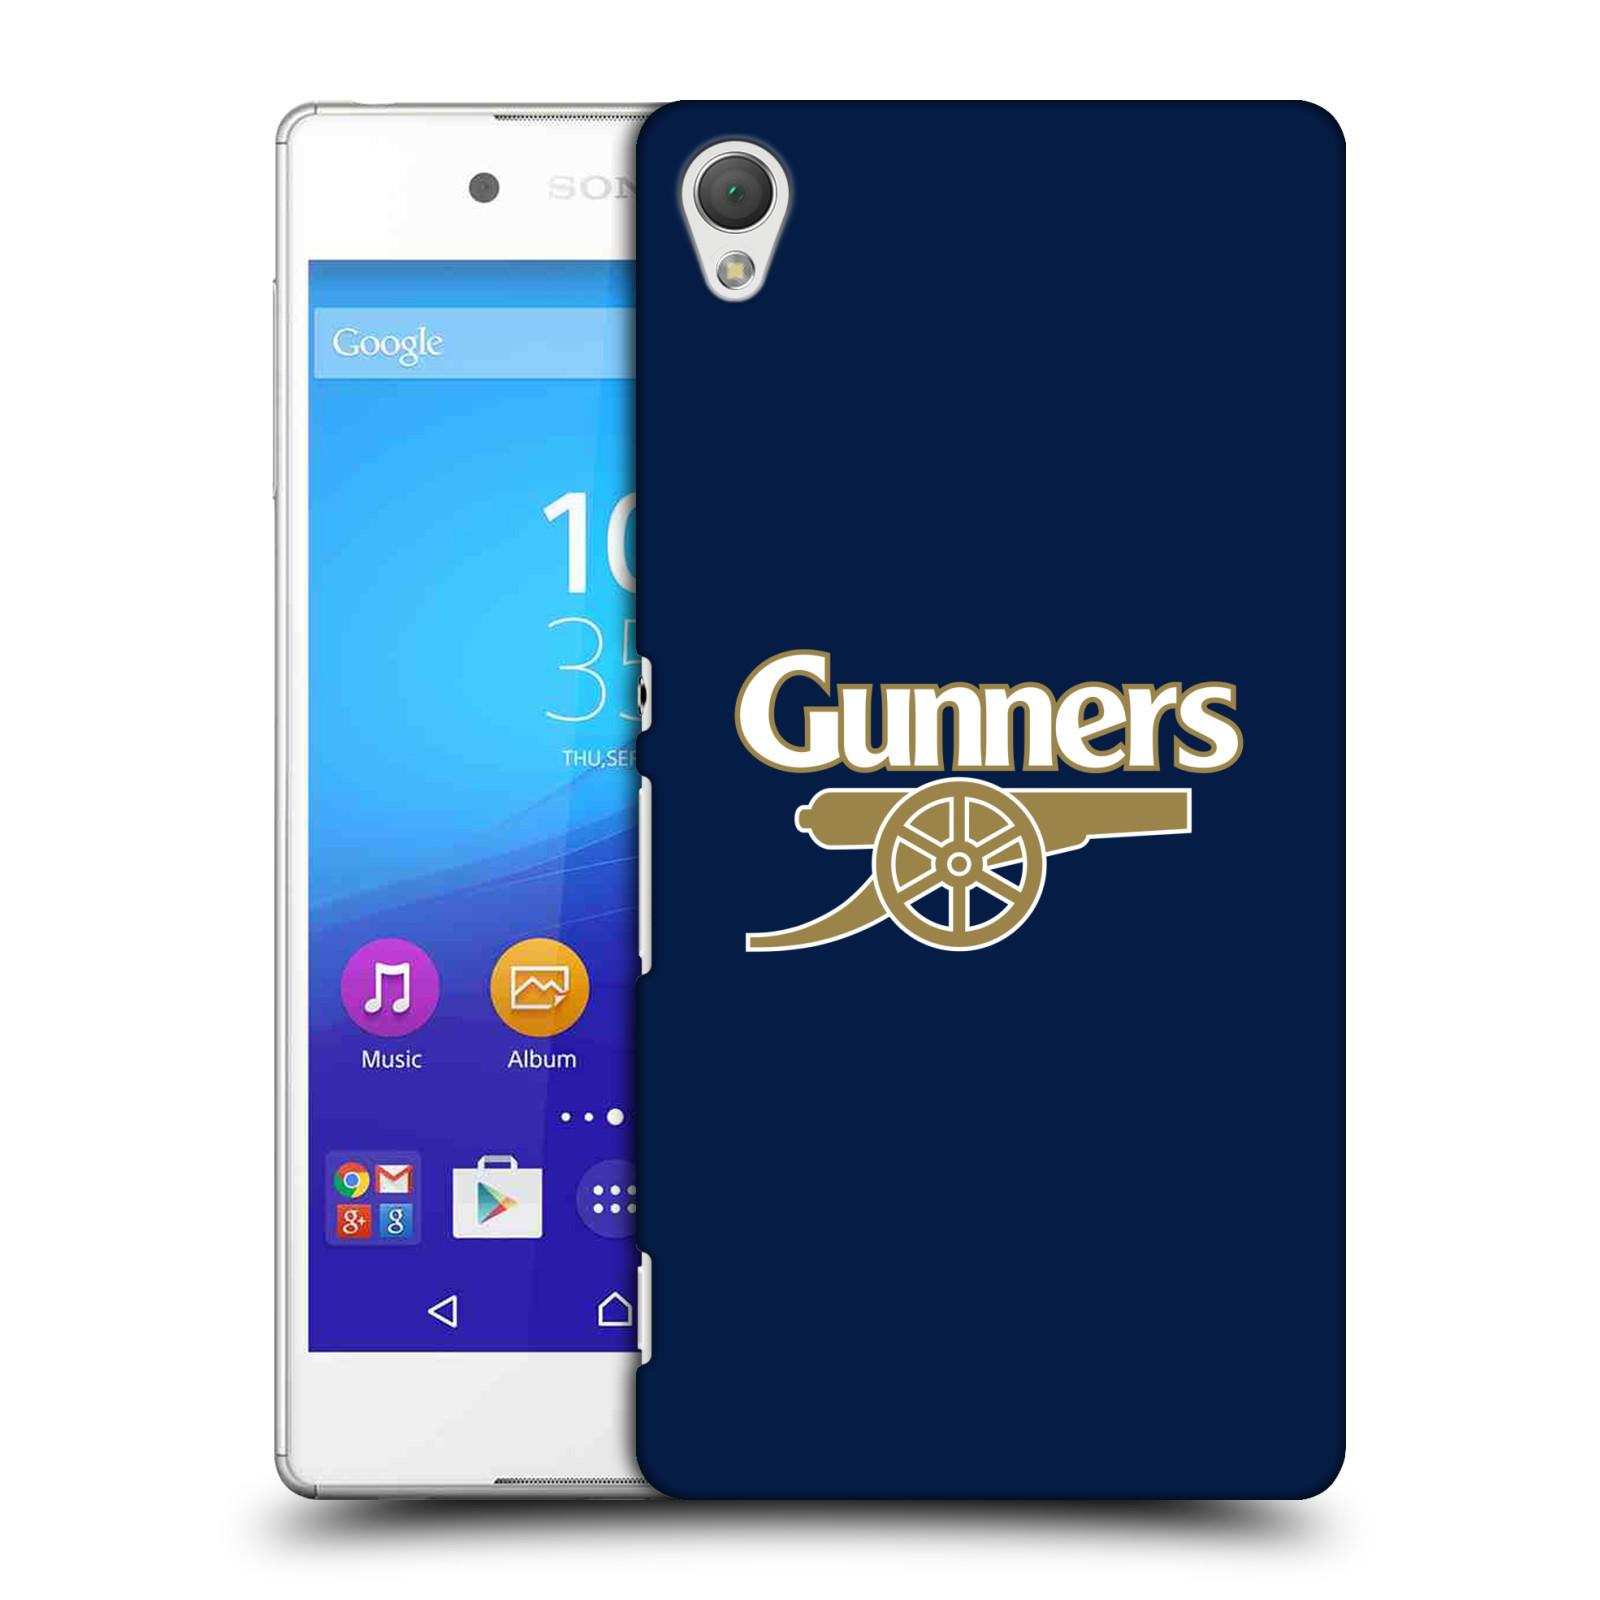 Plastové pouzdro na mobil Sony Xperia Z3+ (Plus) - Head Case - Arsenal FC - Gunners (Plastový kryt či obal na mobilní telefon s motivem klubu Arsenal FC - Gunners pro Sony Xperia Z3+ a Sony Xperia Z4 )